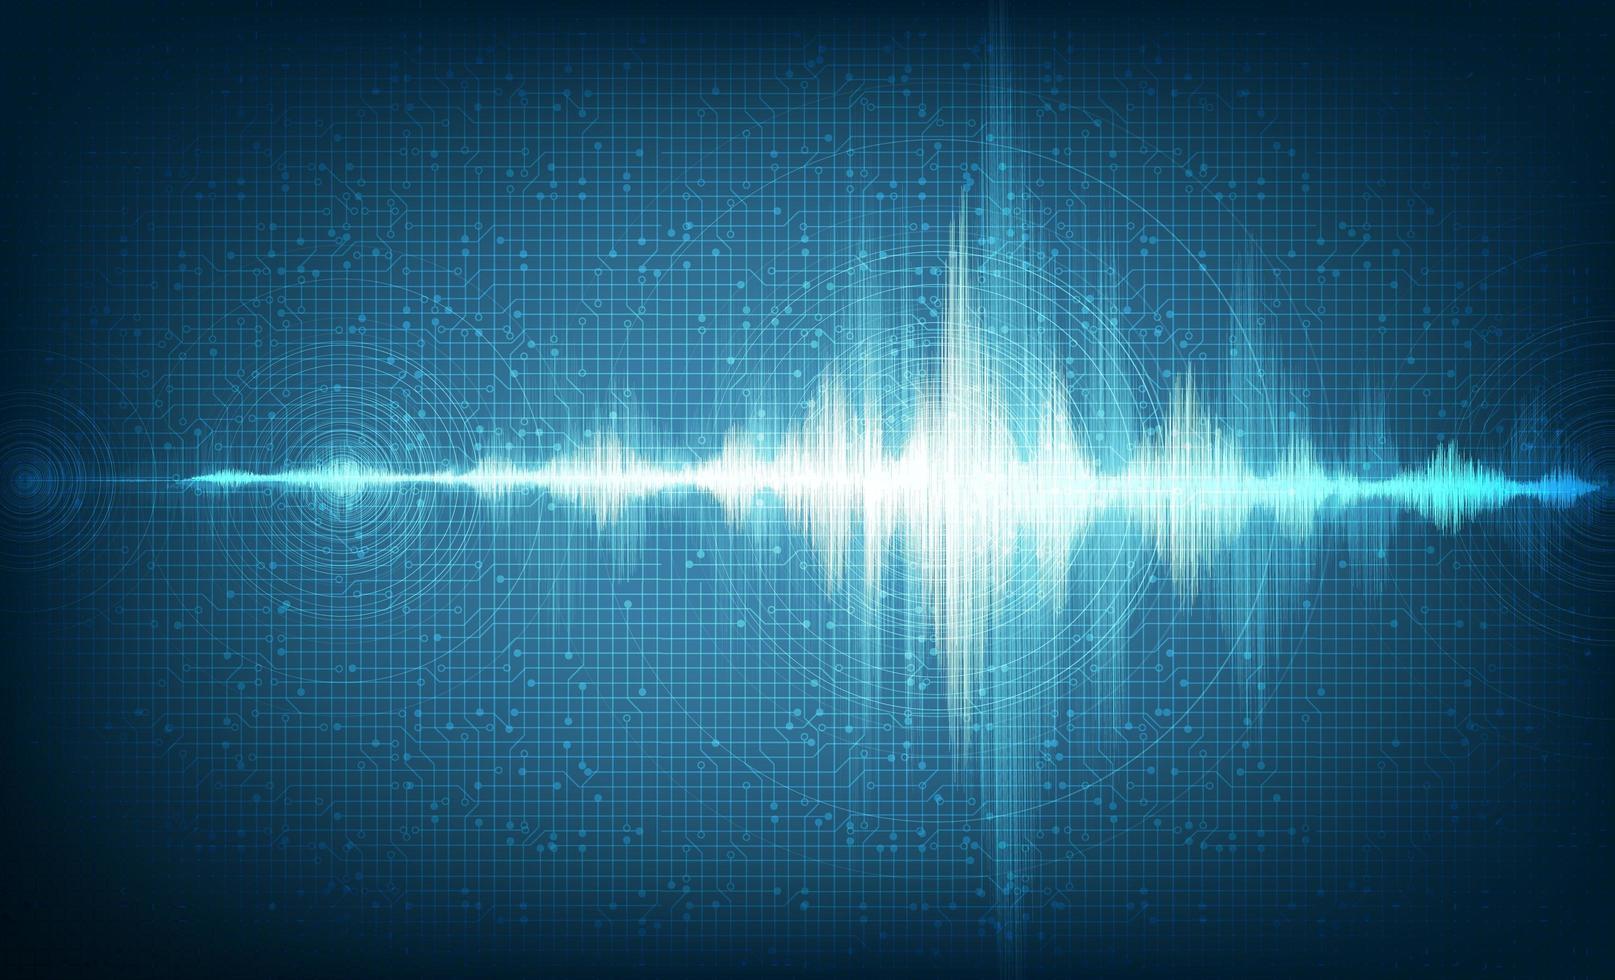 Hi-Tech Digital Sound Wave Low and Hight på teknikbakgrund. vektor